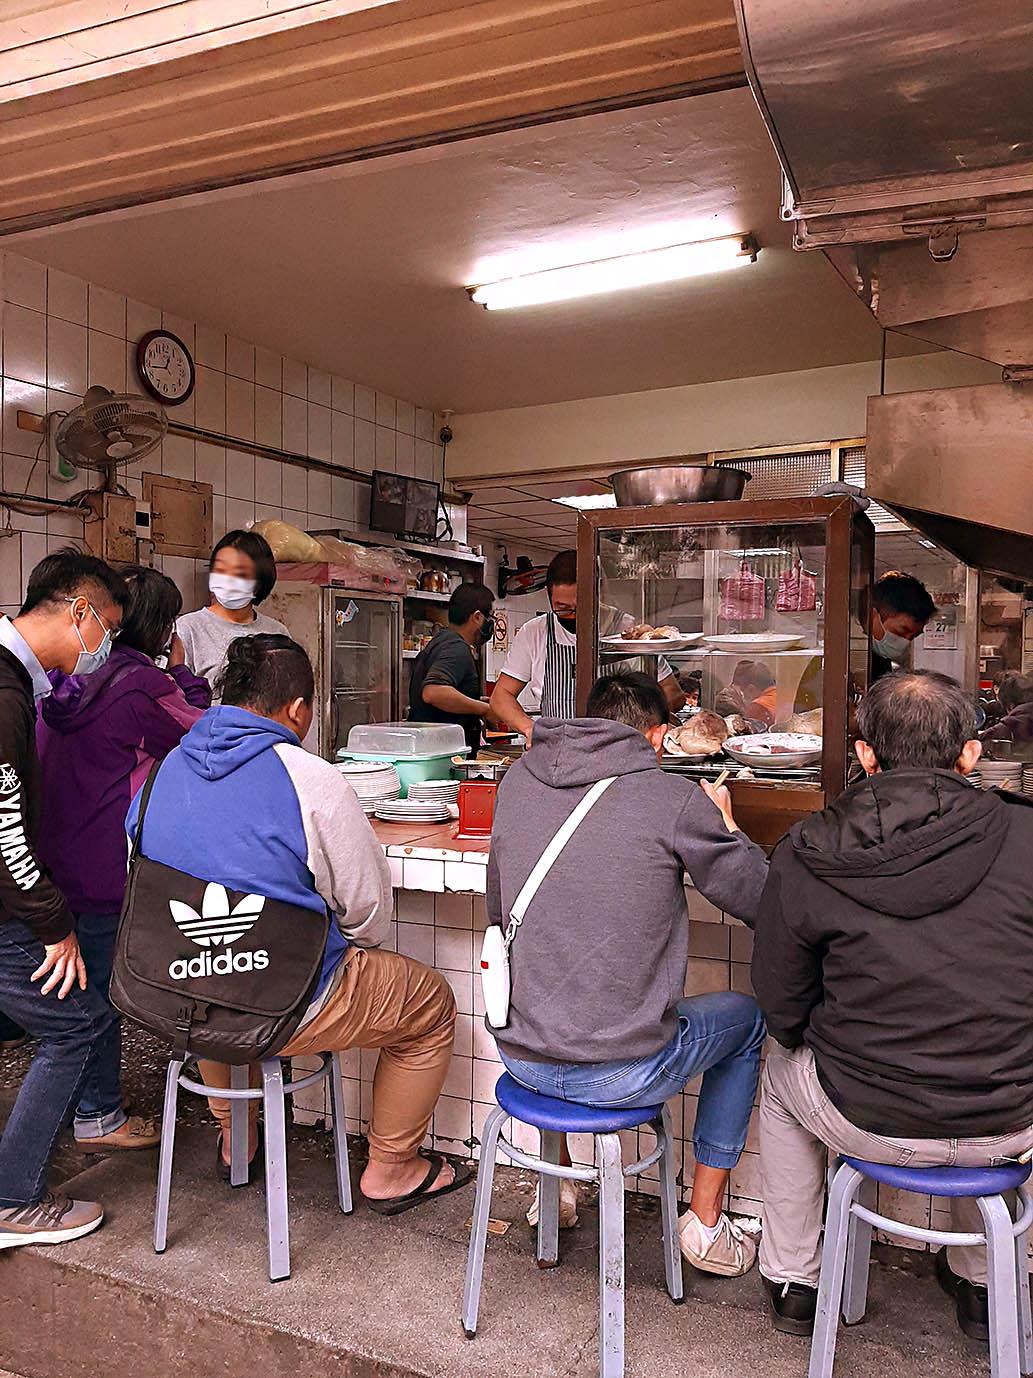 【阿彰の台湾写真紀行】No. 23 台北の朝食店Part-3 台湾料理系の朝食店